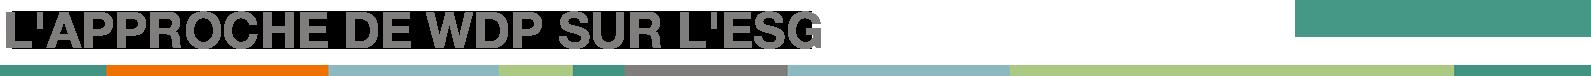 WDP - ESG